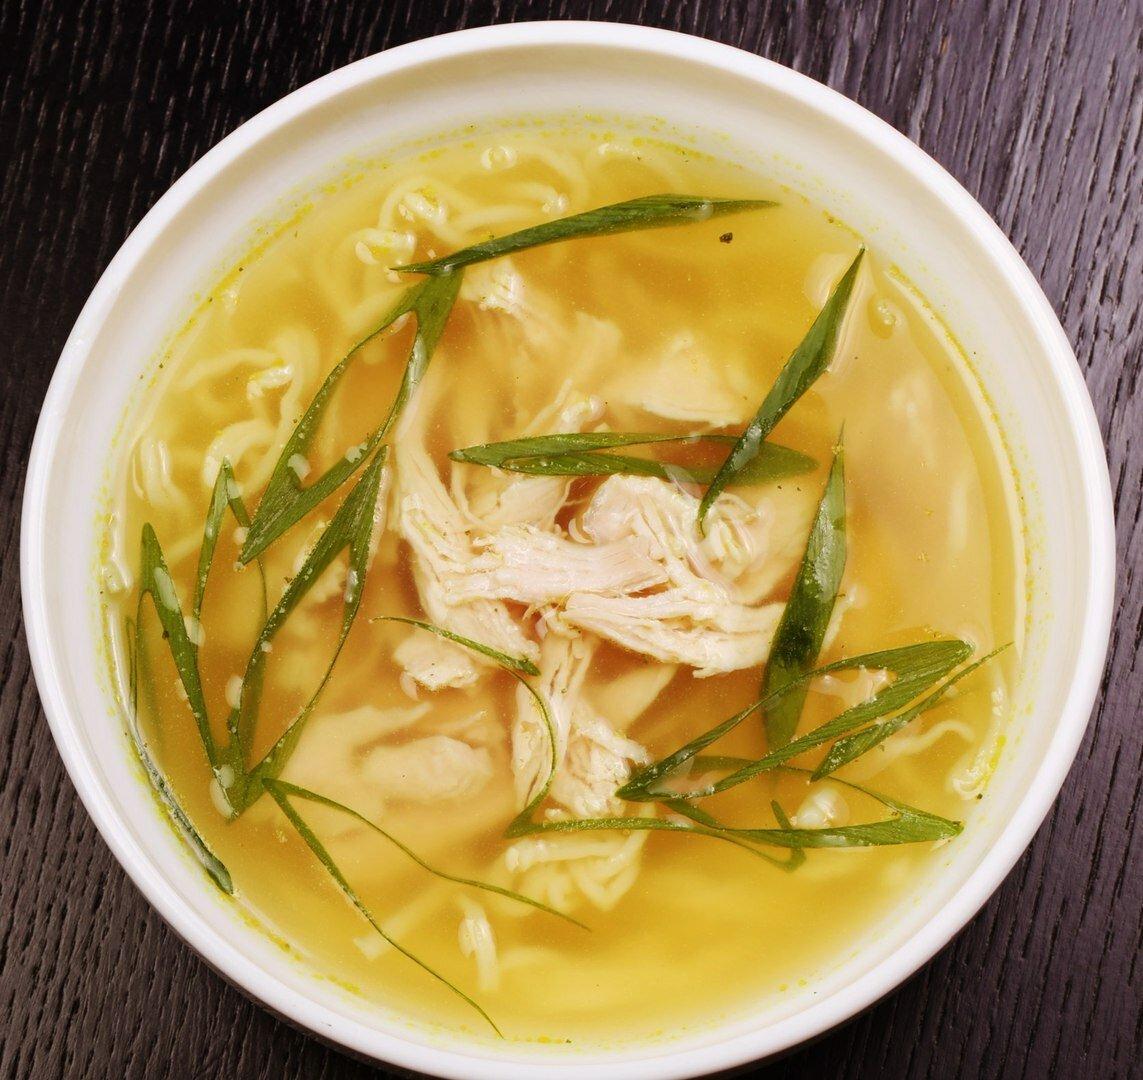 суп с курицей рецепт в картинках щенков